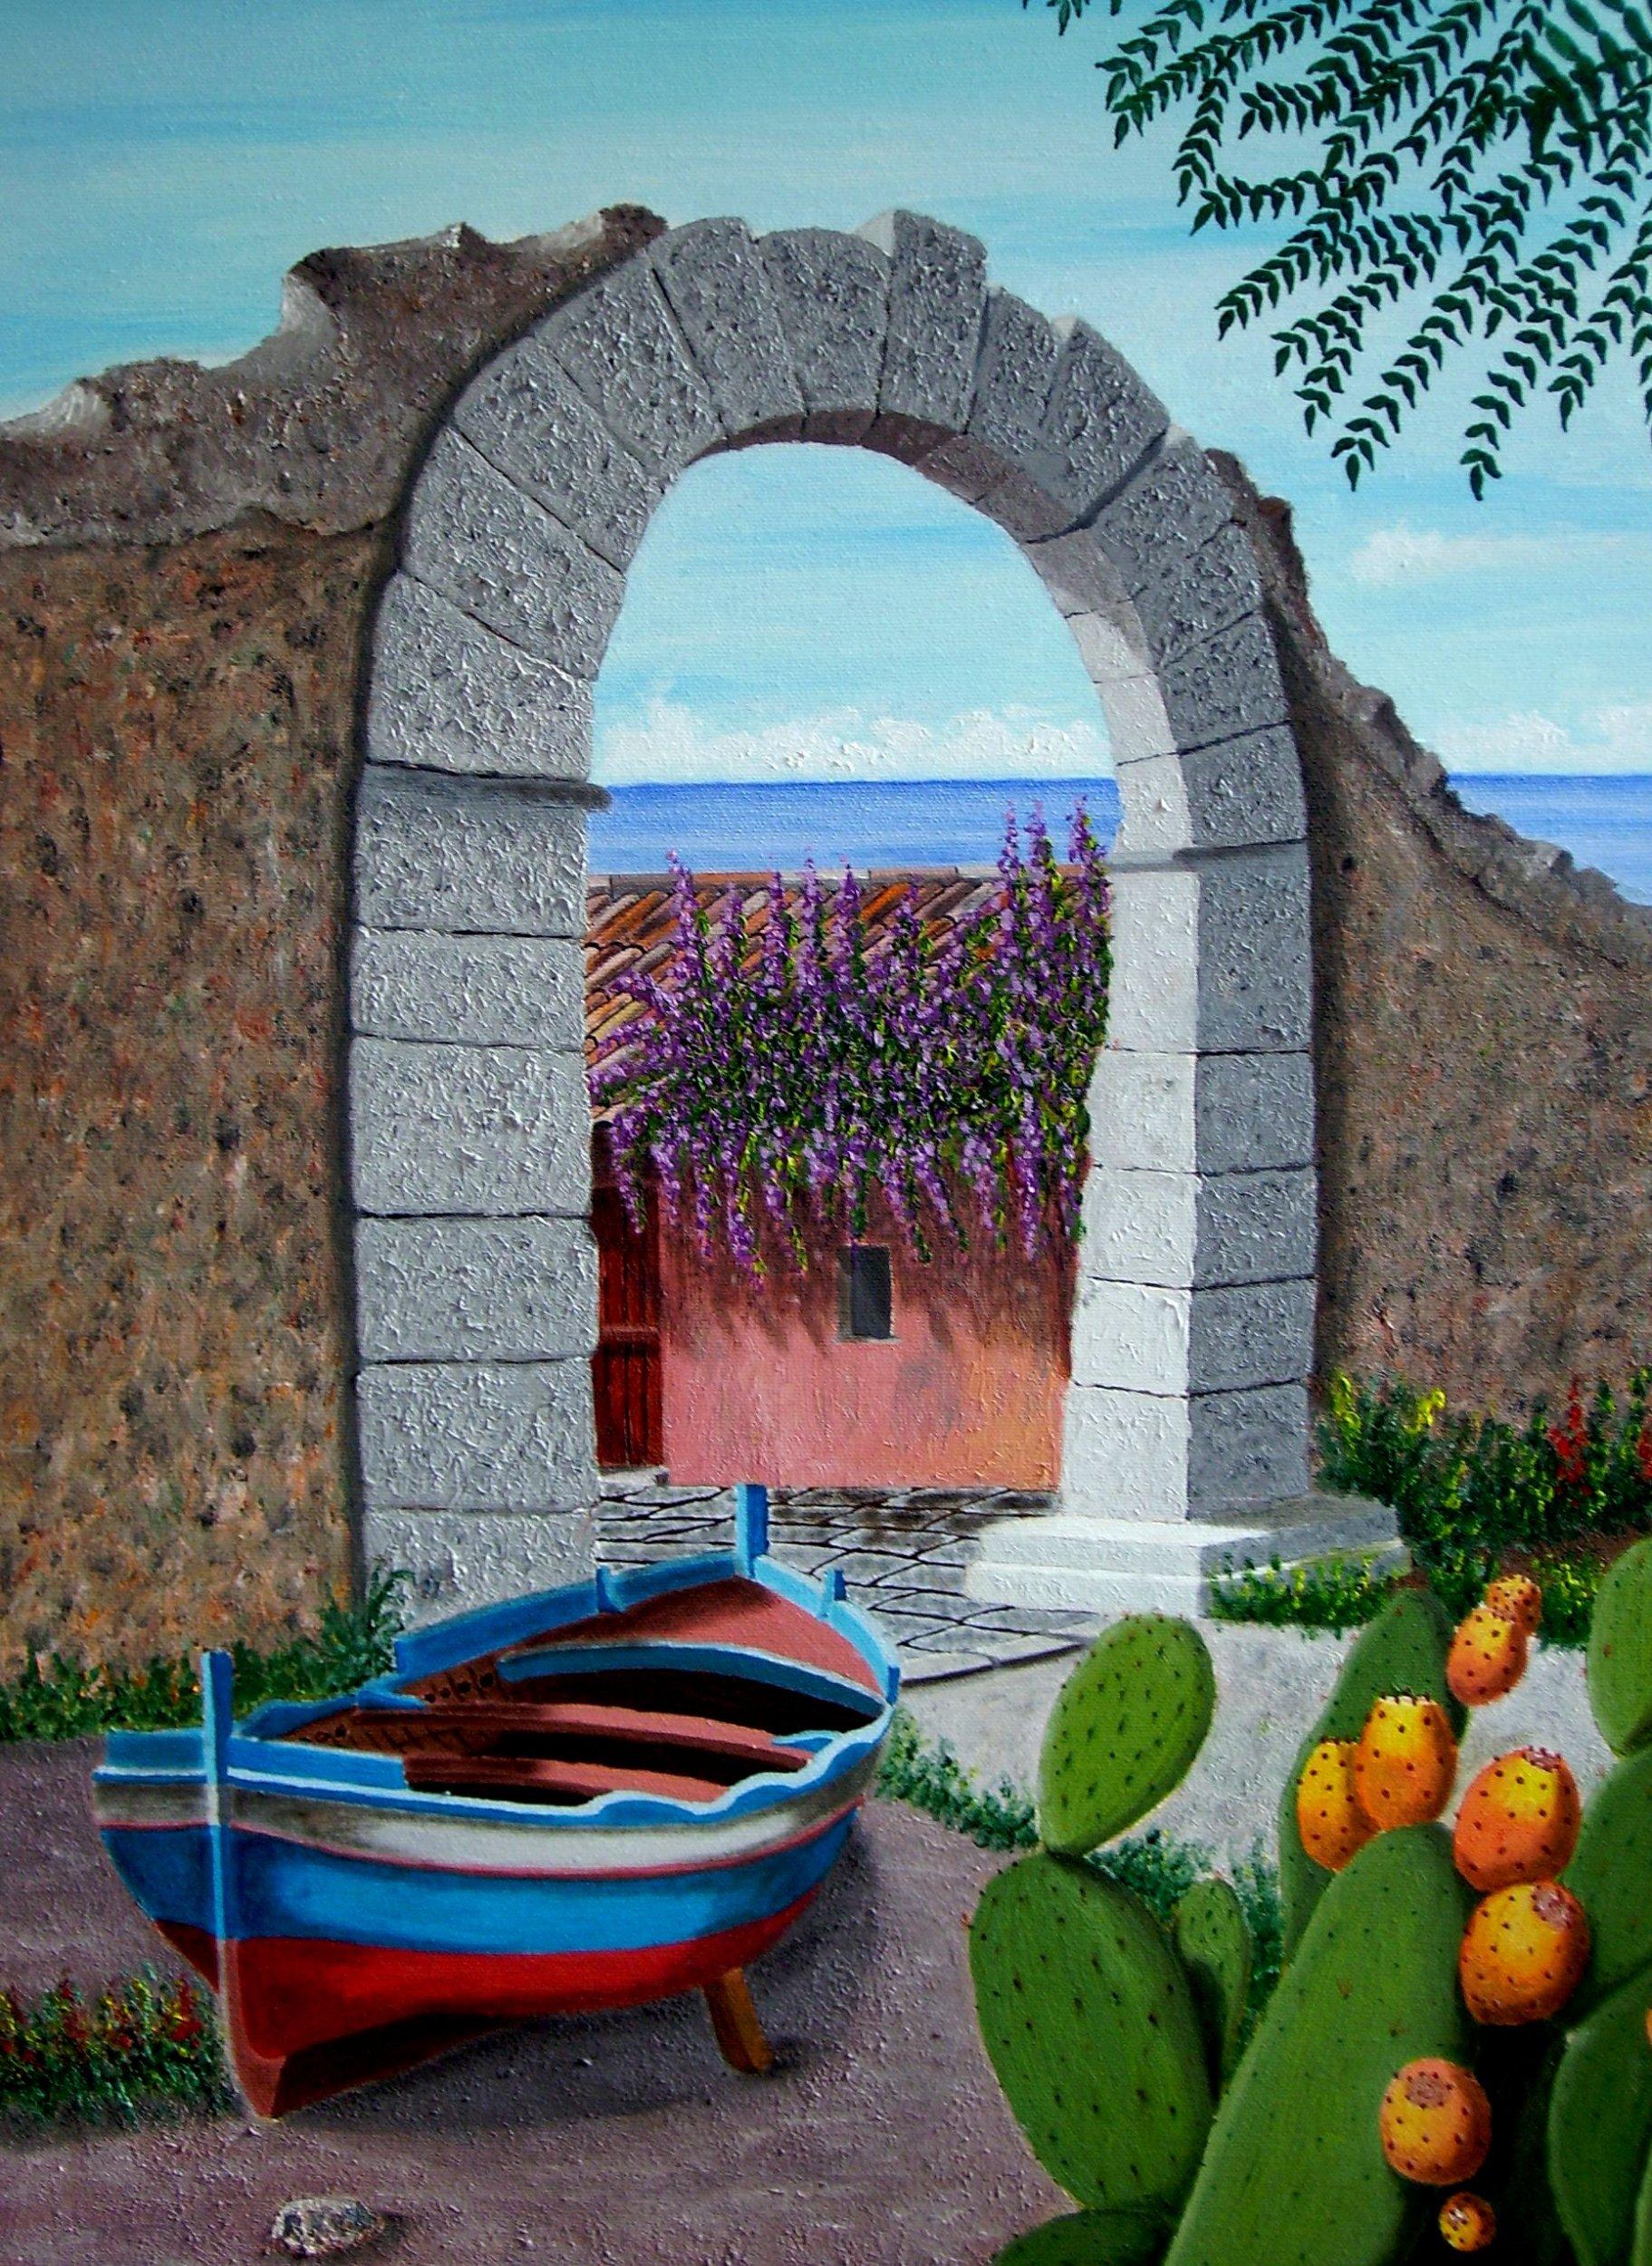 Paesaggio siciliano damiano premio celeste 2009 for Disegni da colorare paesaggi marini